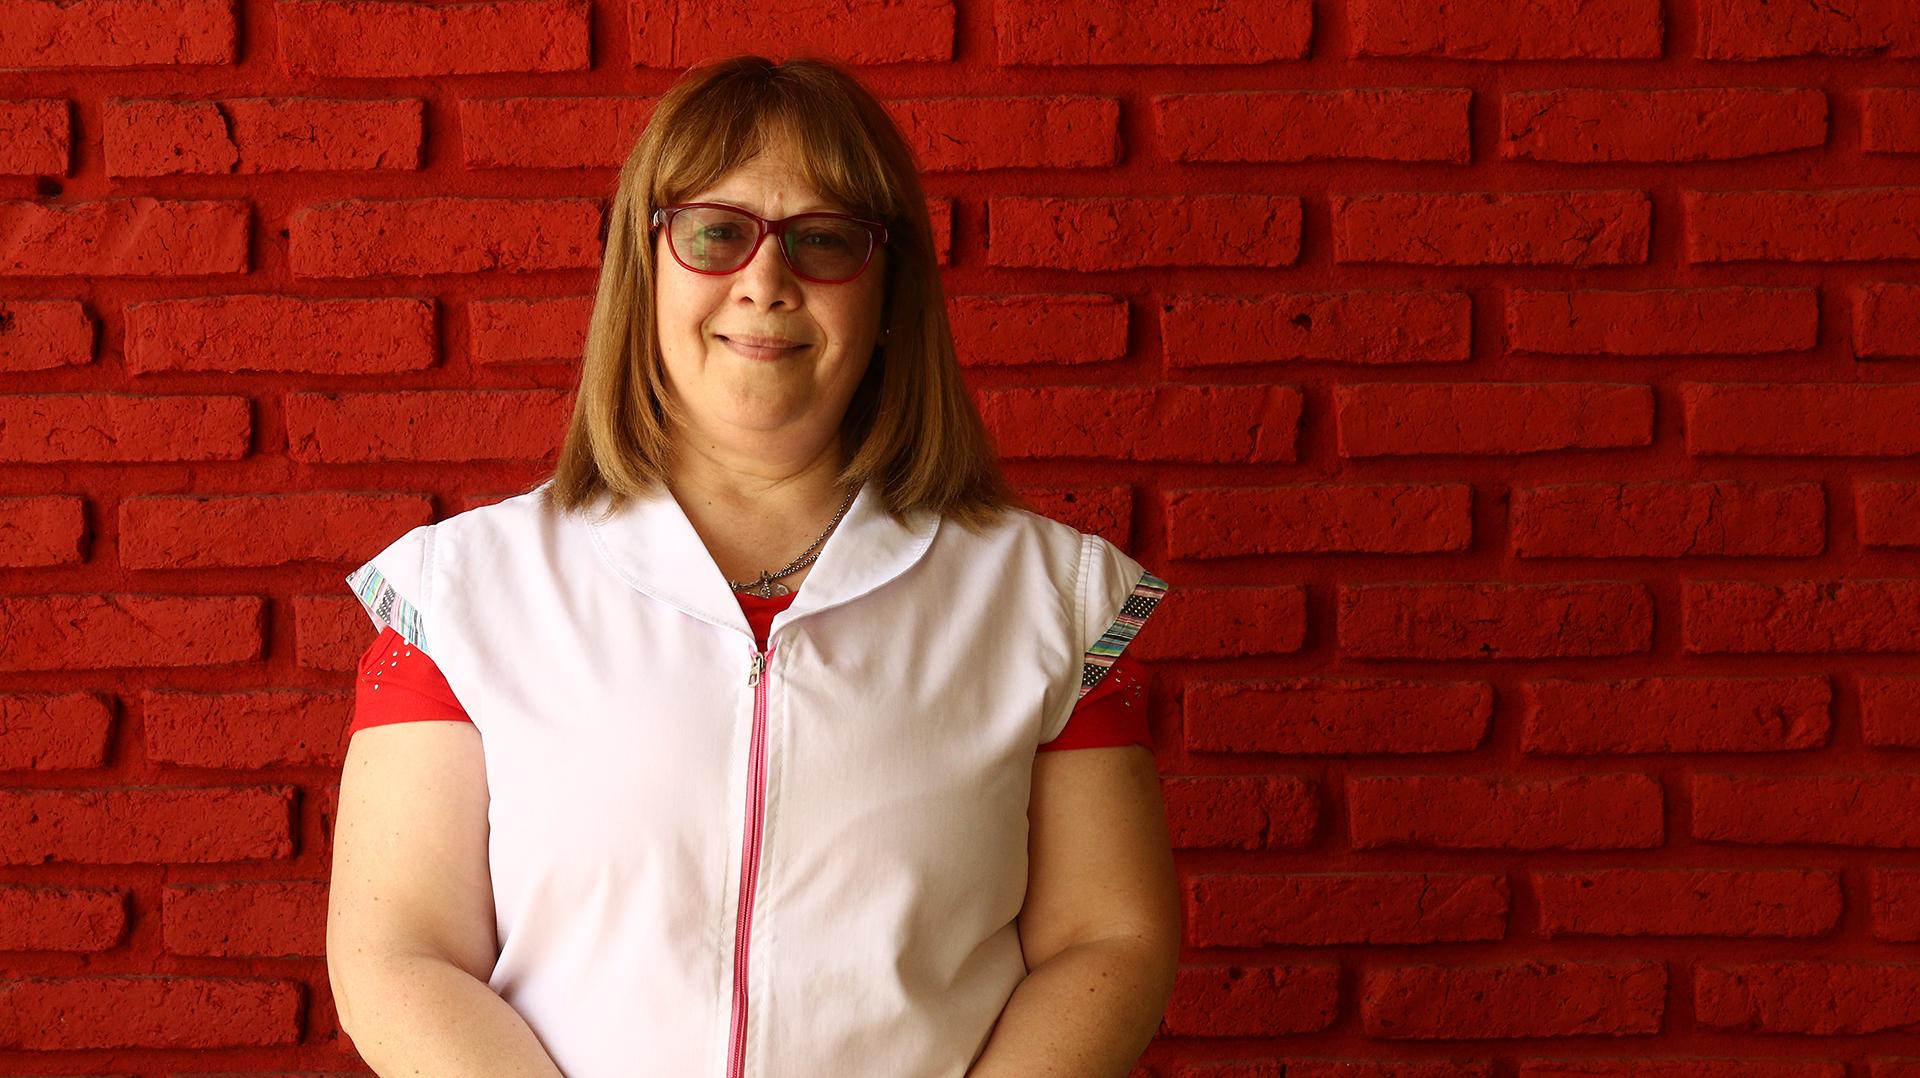 Miriam Ivanoff